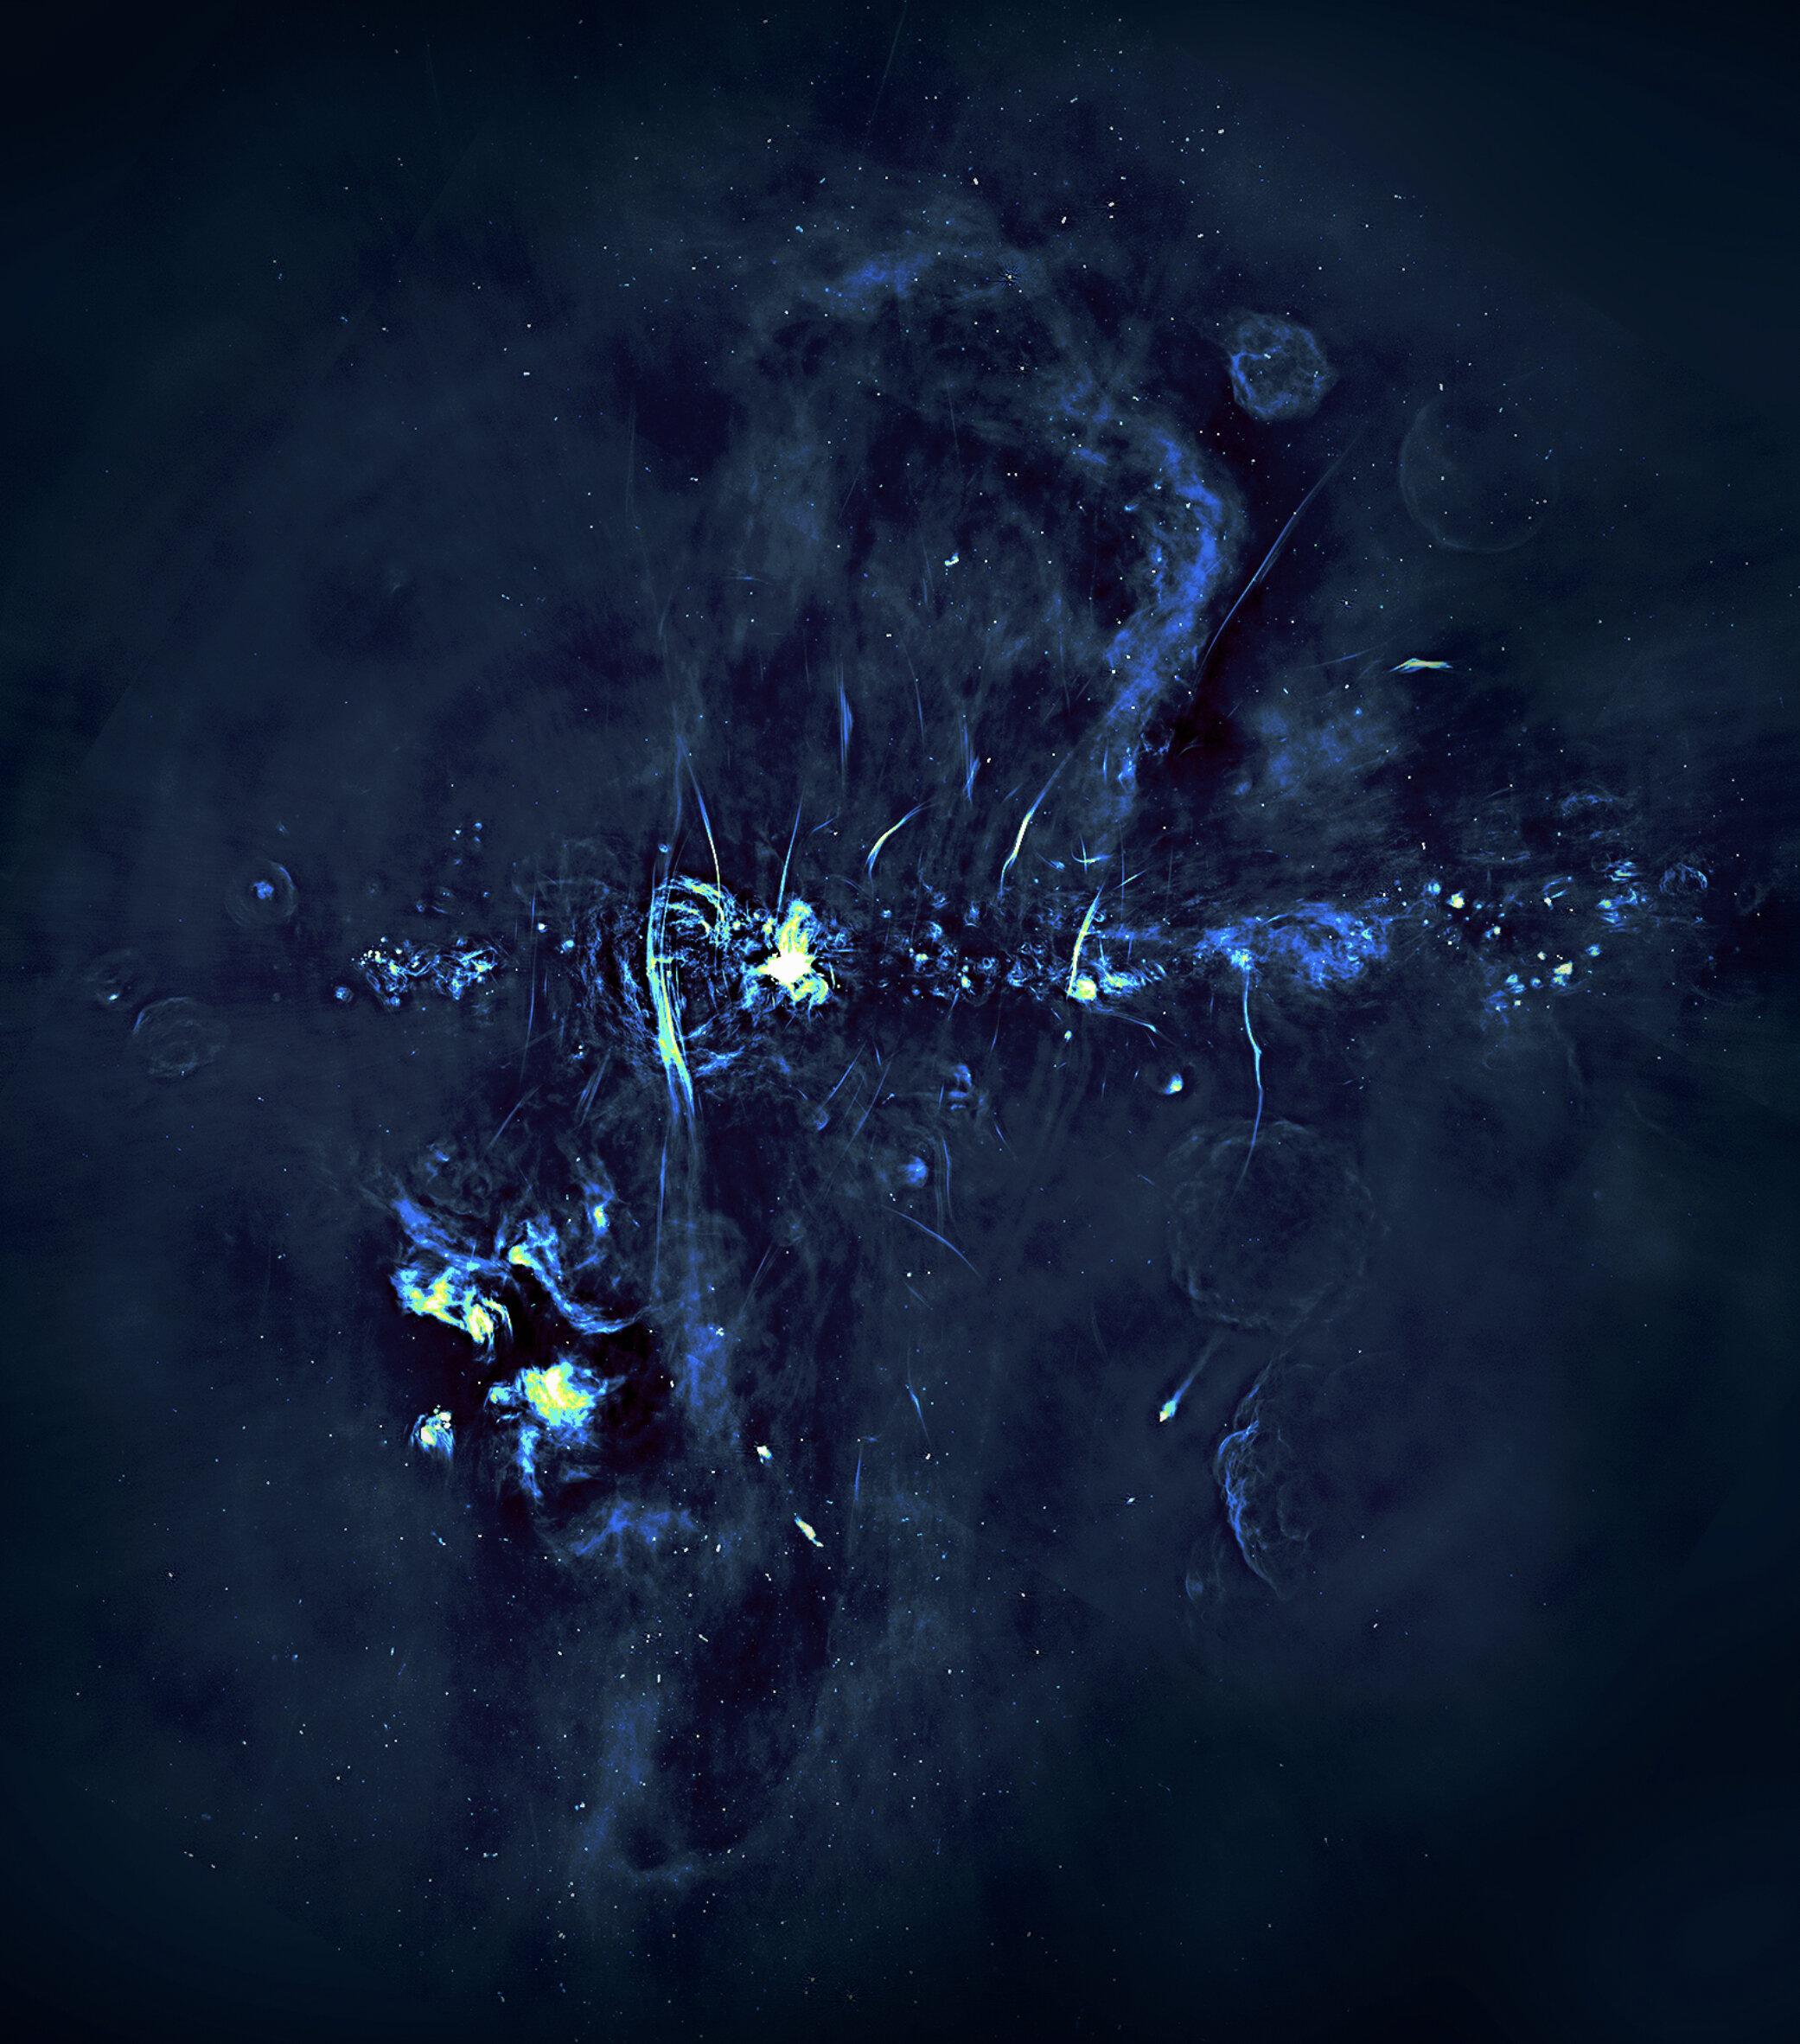 Doposud neznámé obří bubliny vycházející ze středu Mléčné dráhy vysílají rádiové vlny